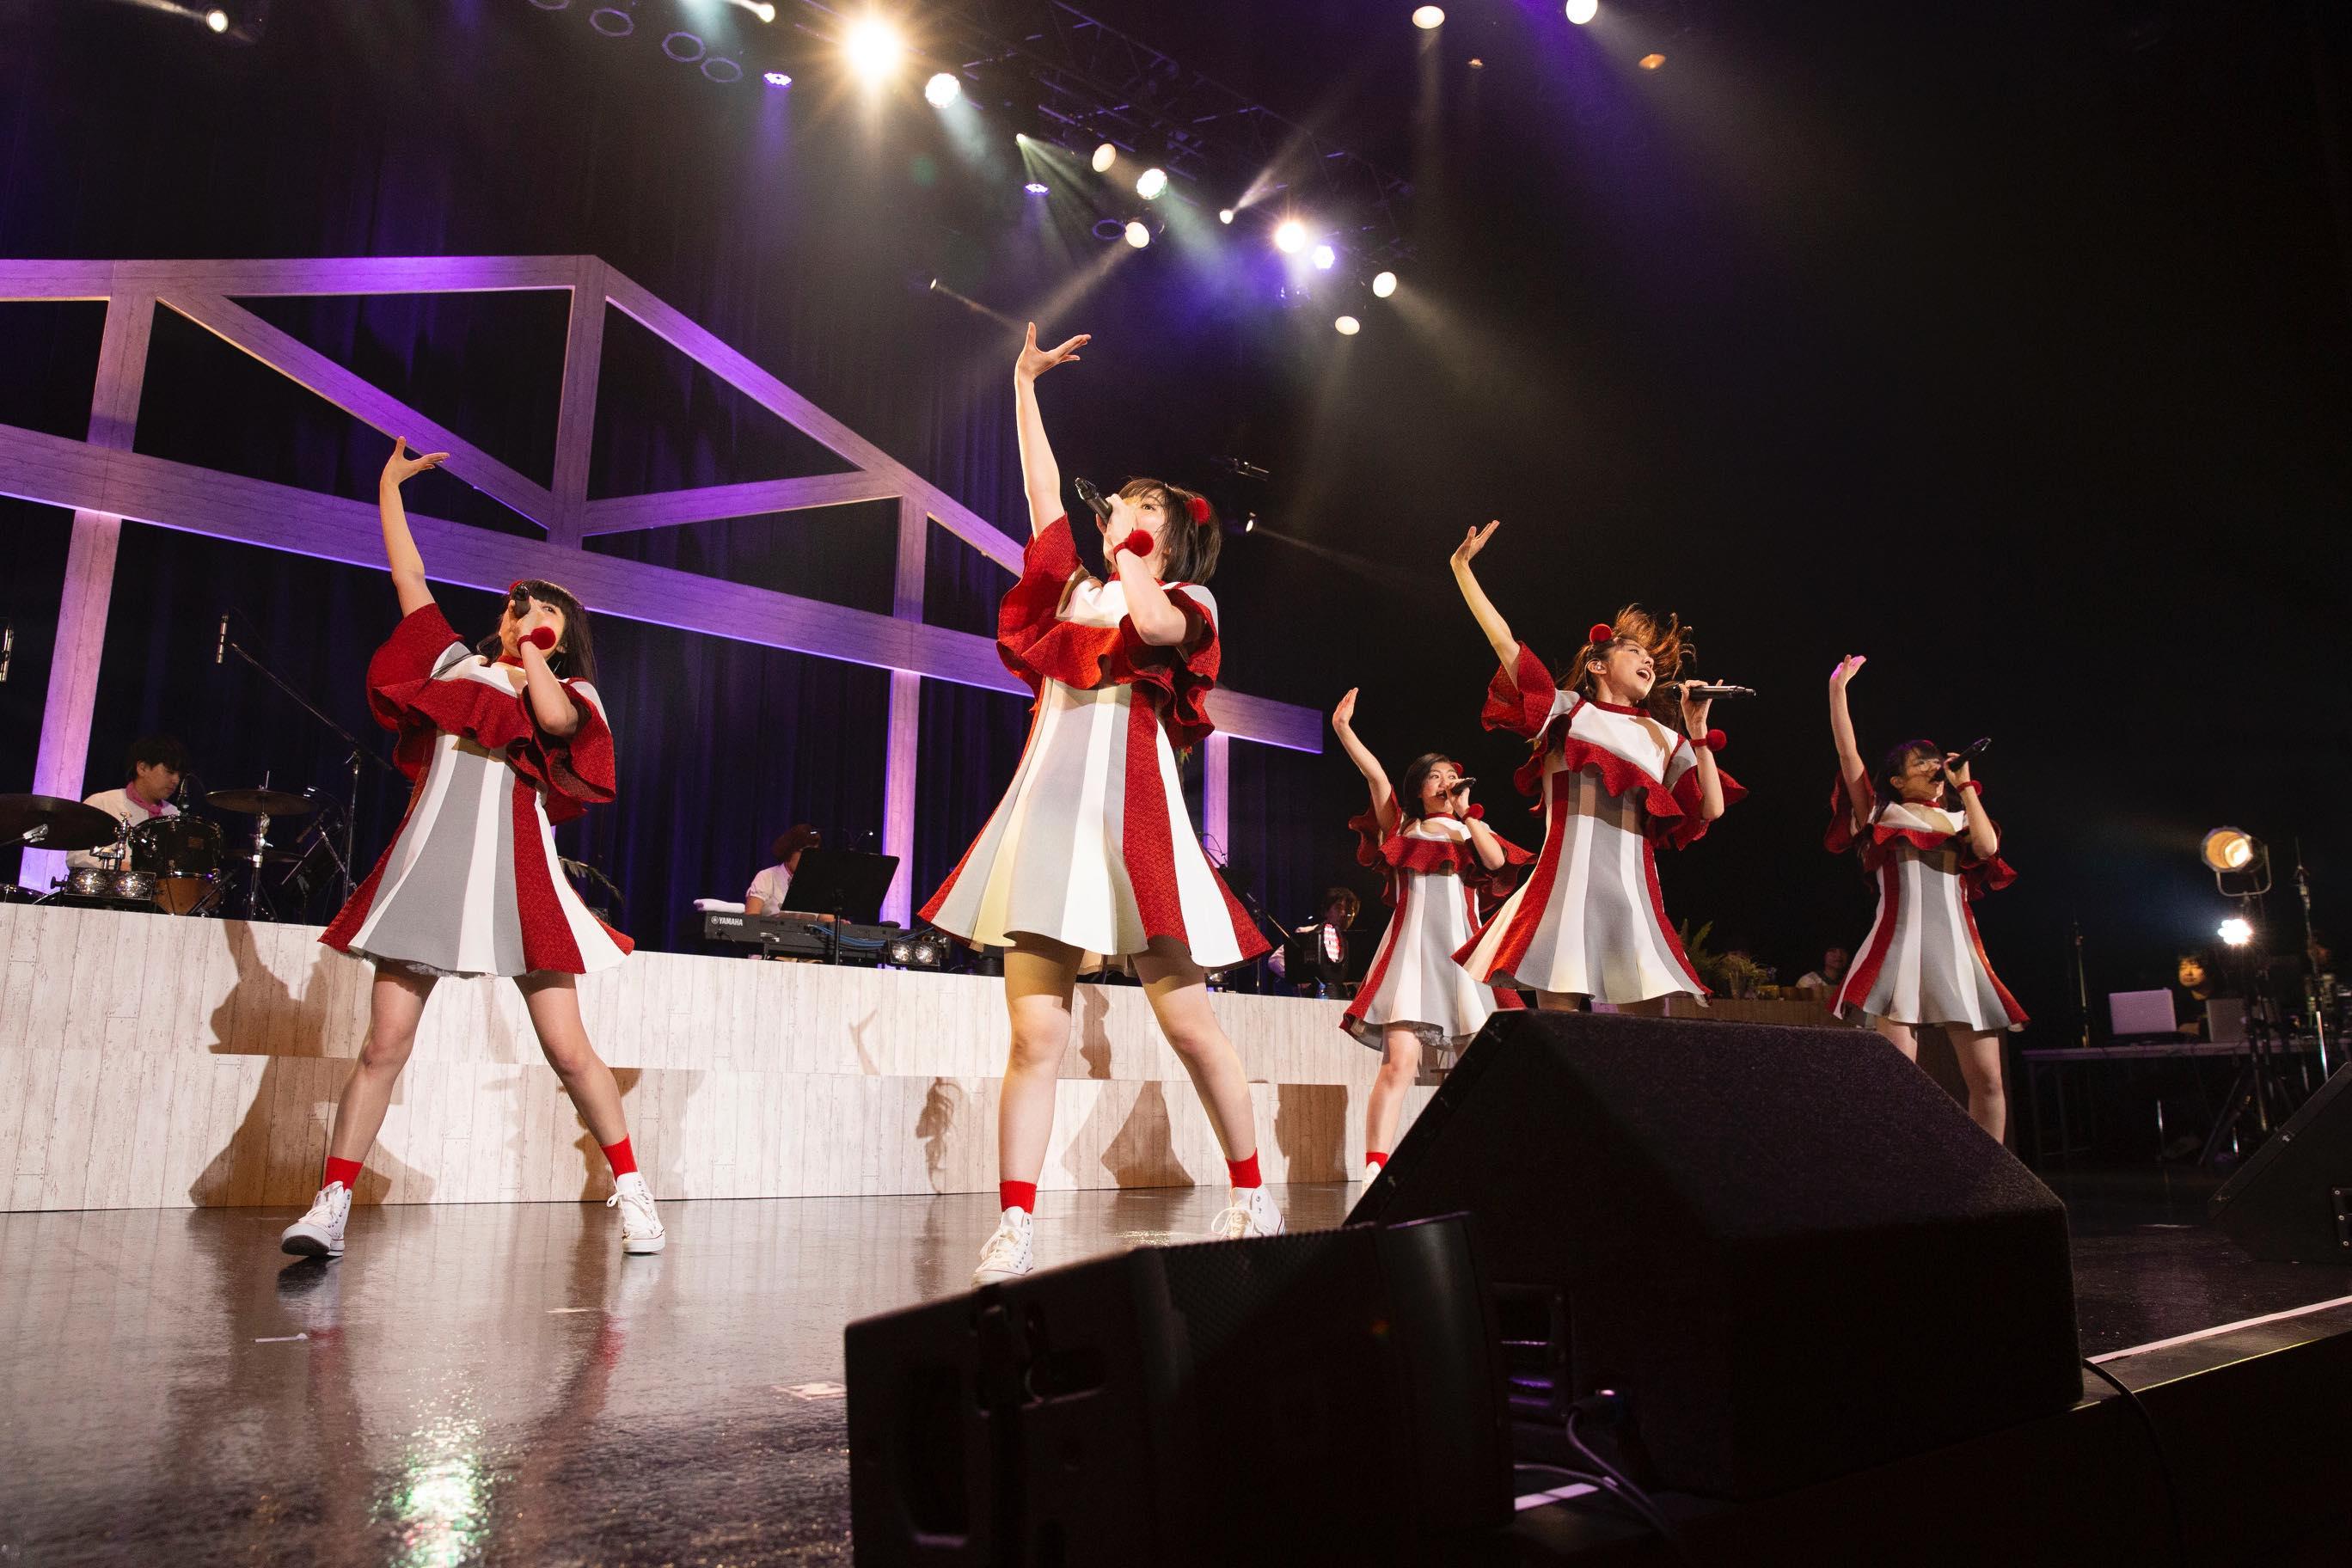 私立恵比寿中学・Negiccoの魅力がバンドで盛り盛り!「エビネギ2」レポート【写真9枚】の画像006